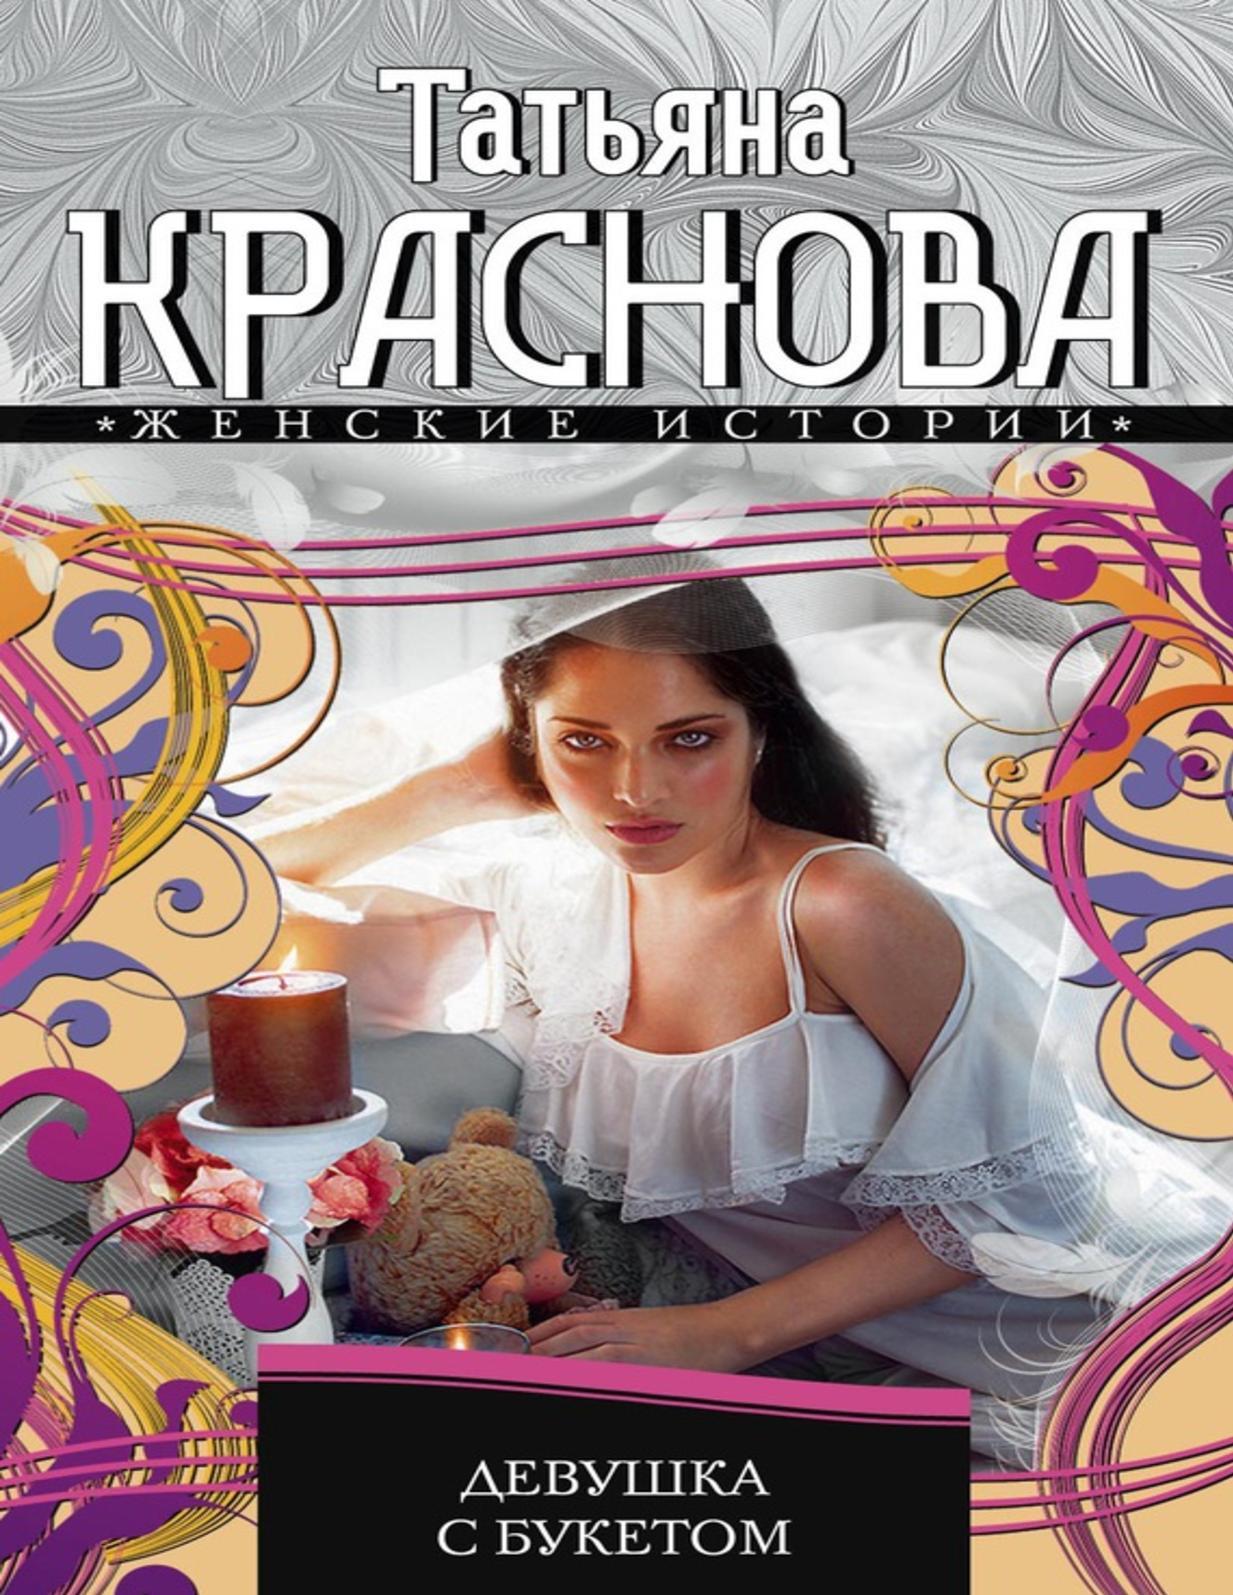 devushka-ahnula-ot-gigantskogo-chlena-v-rot-foto